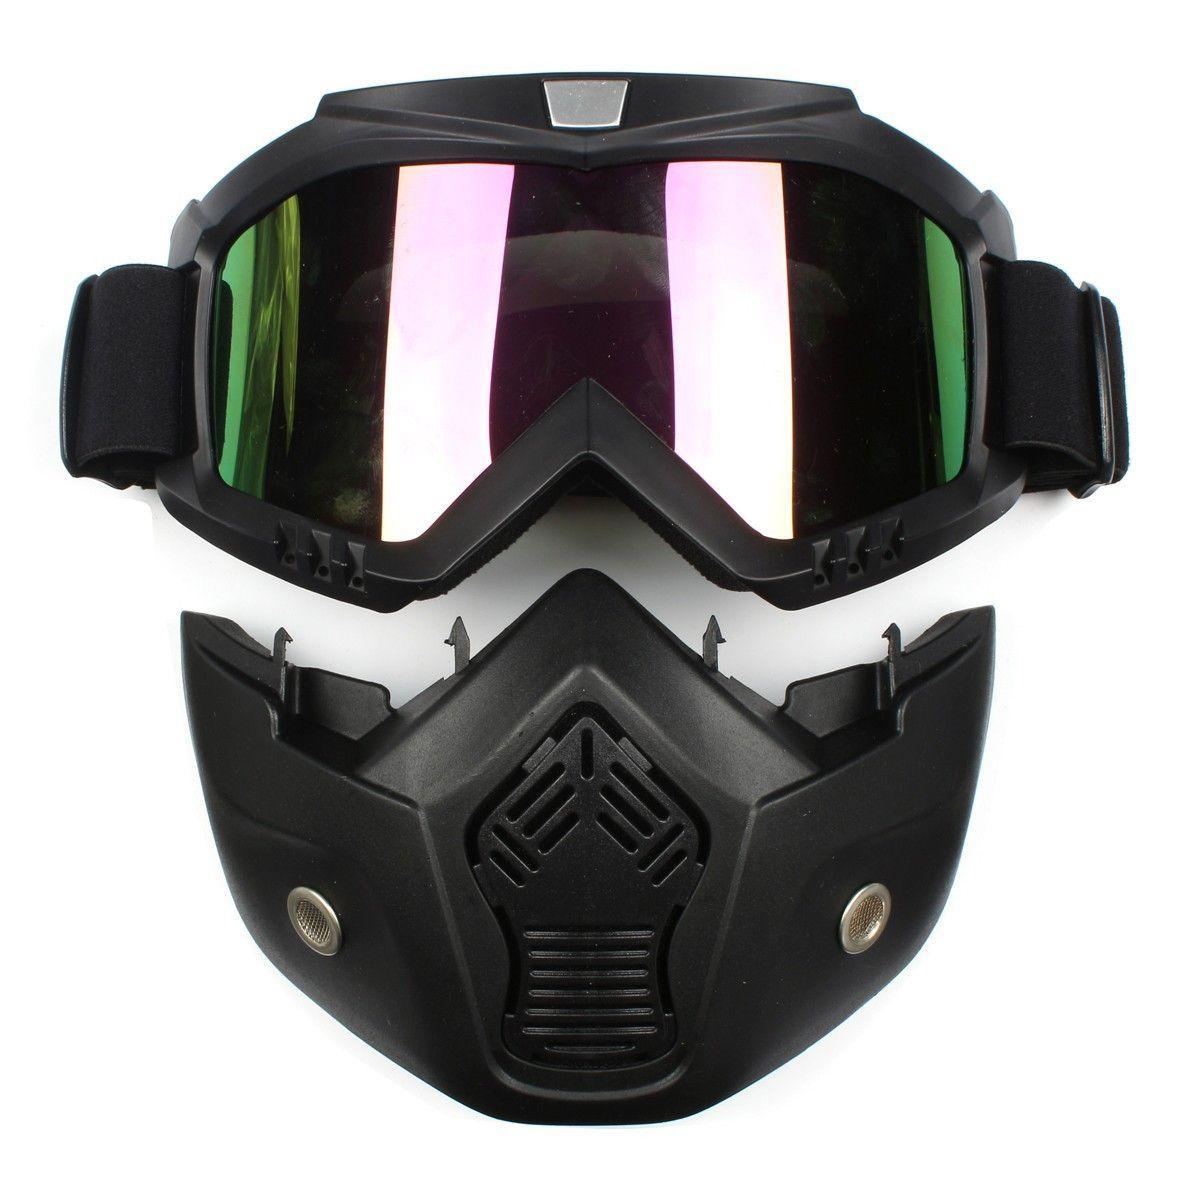 Sunglasses Mask Motorcycle Helmet Face Ski Googles Glasses Motocross Full Face Colorful